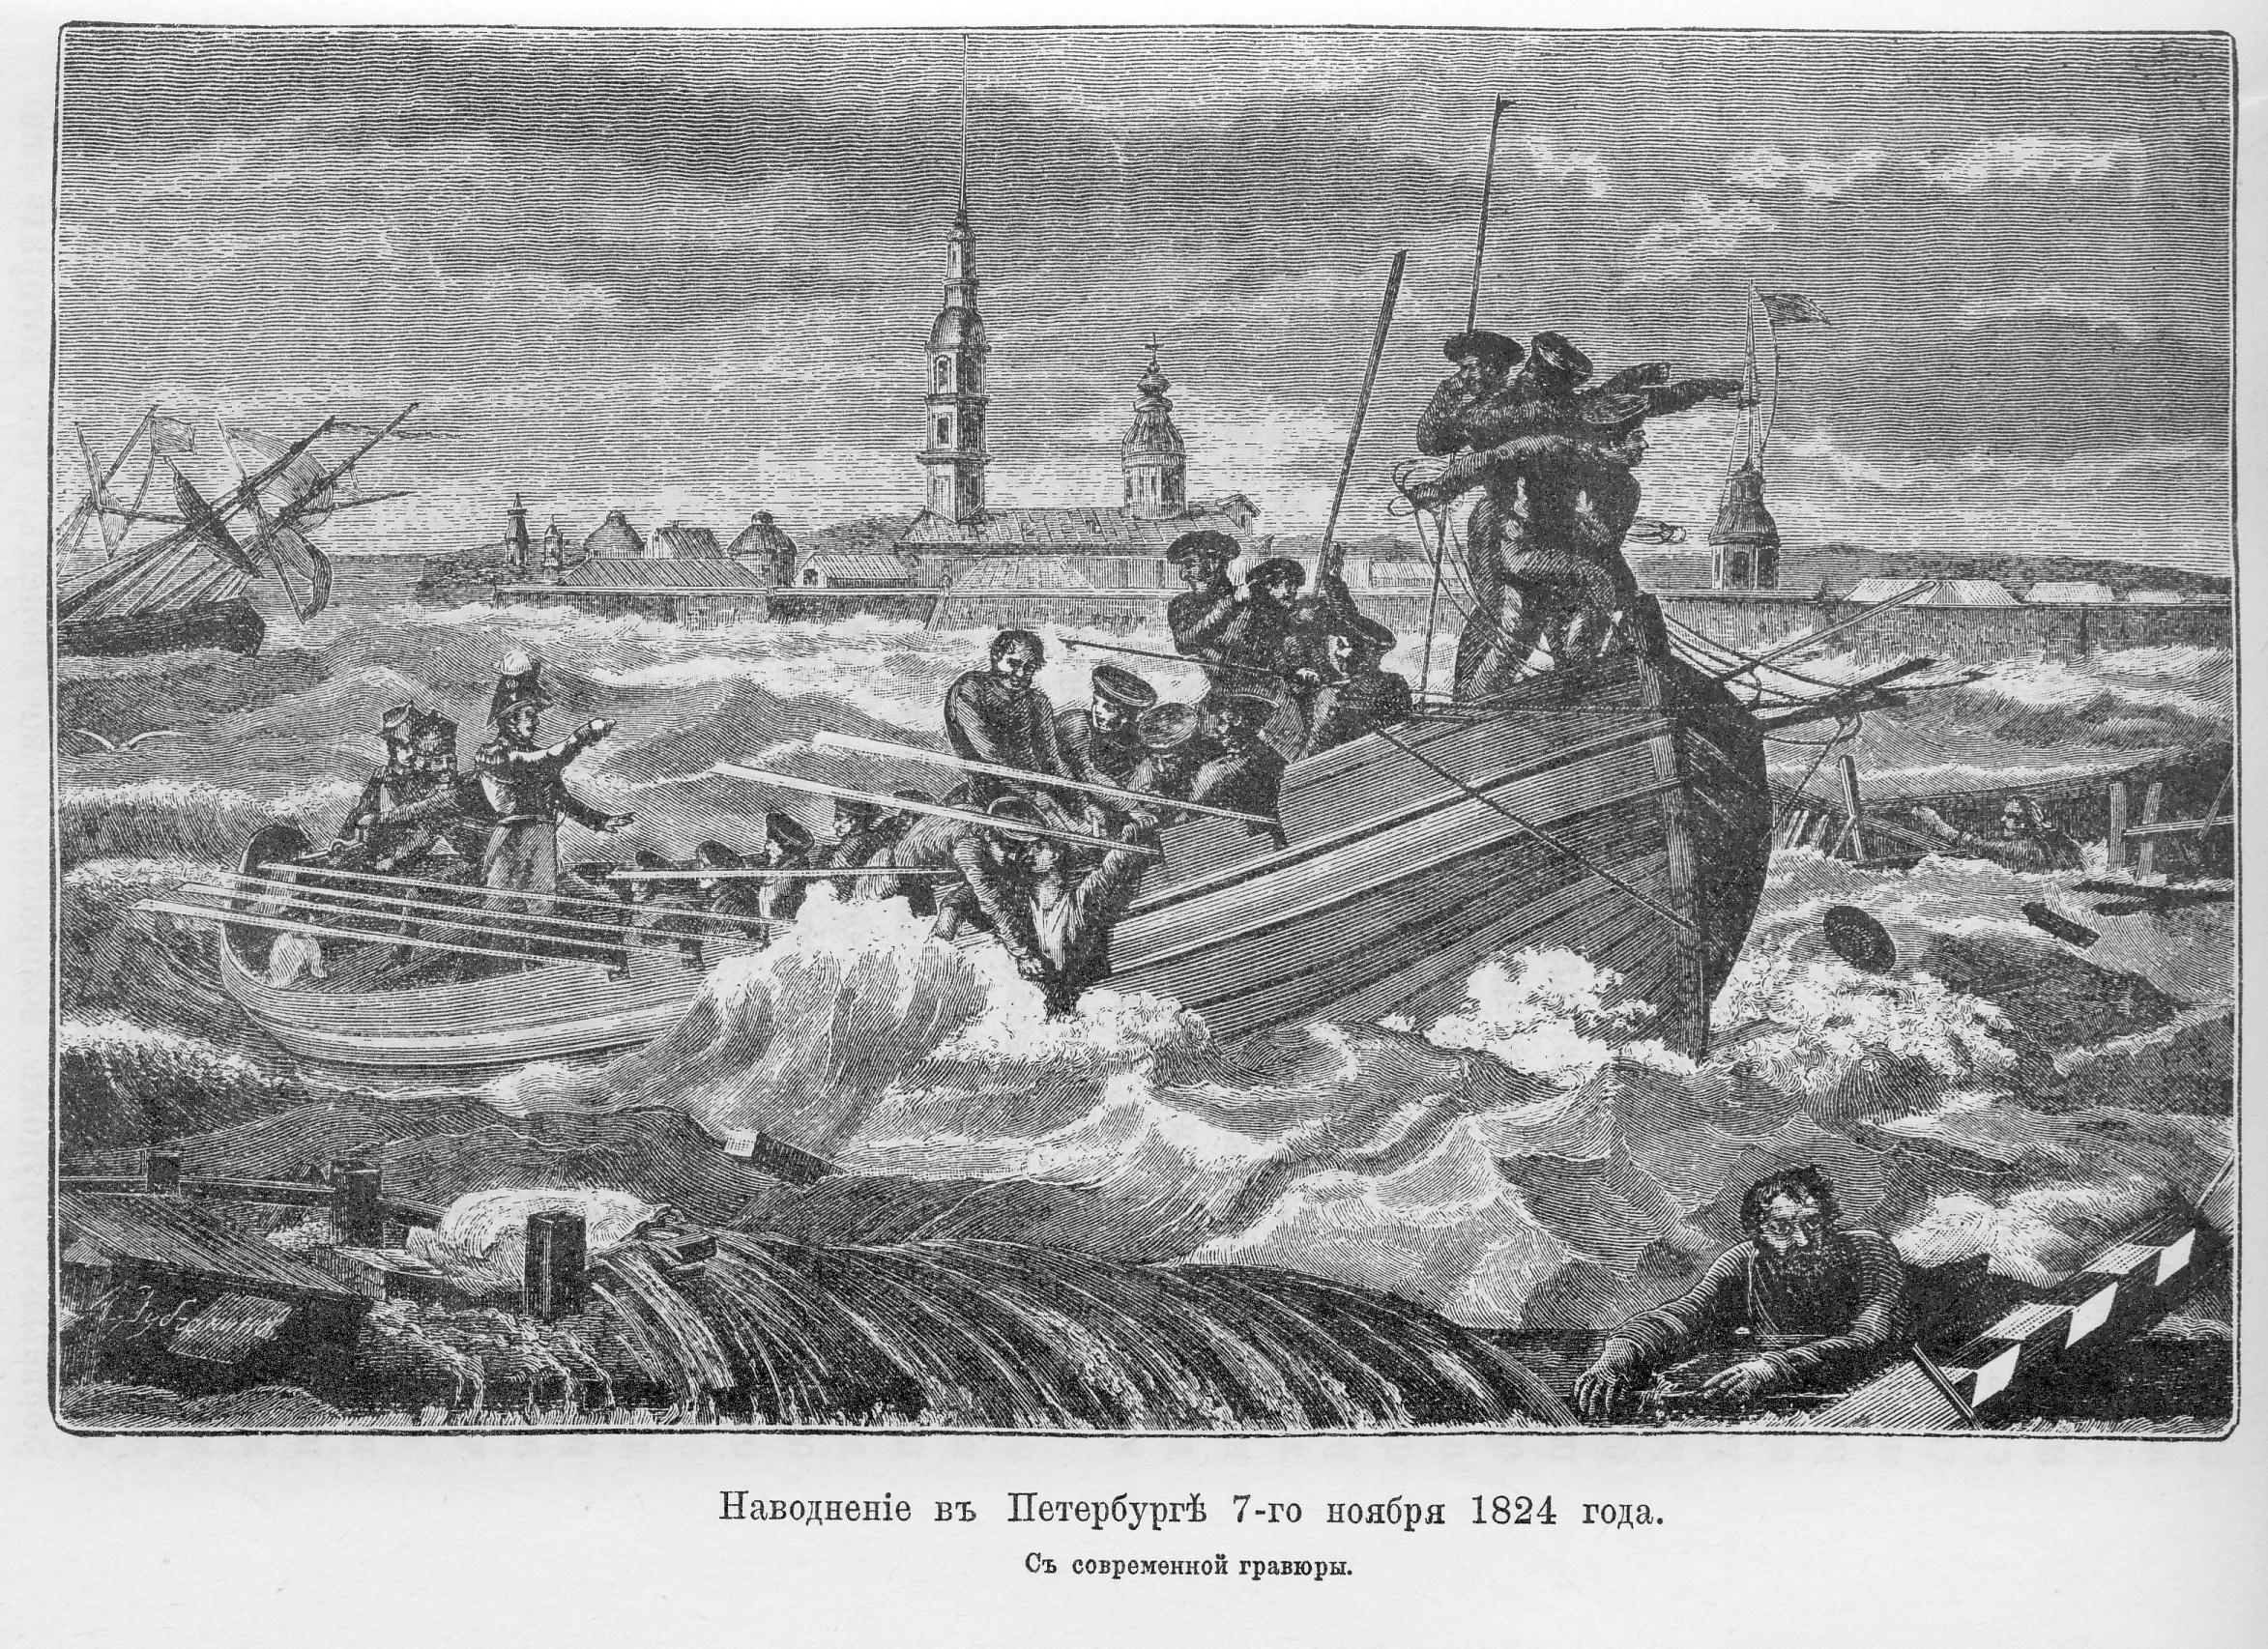 Наводнение 1824 года